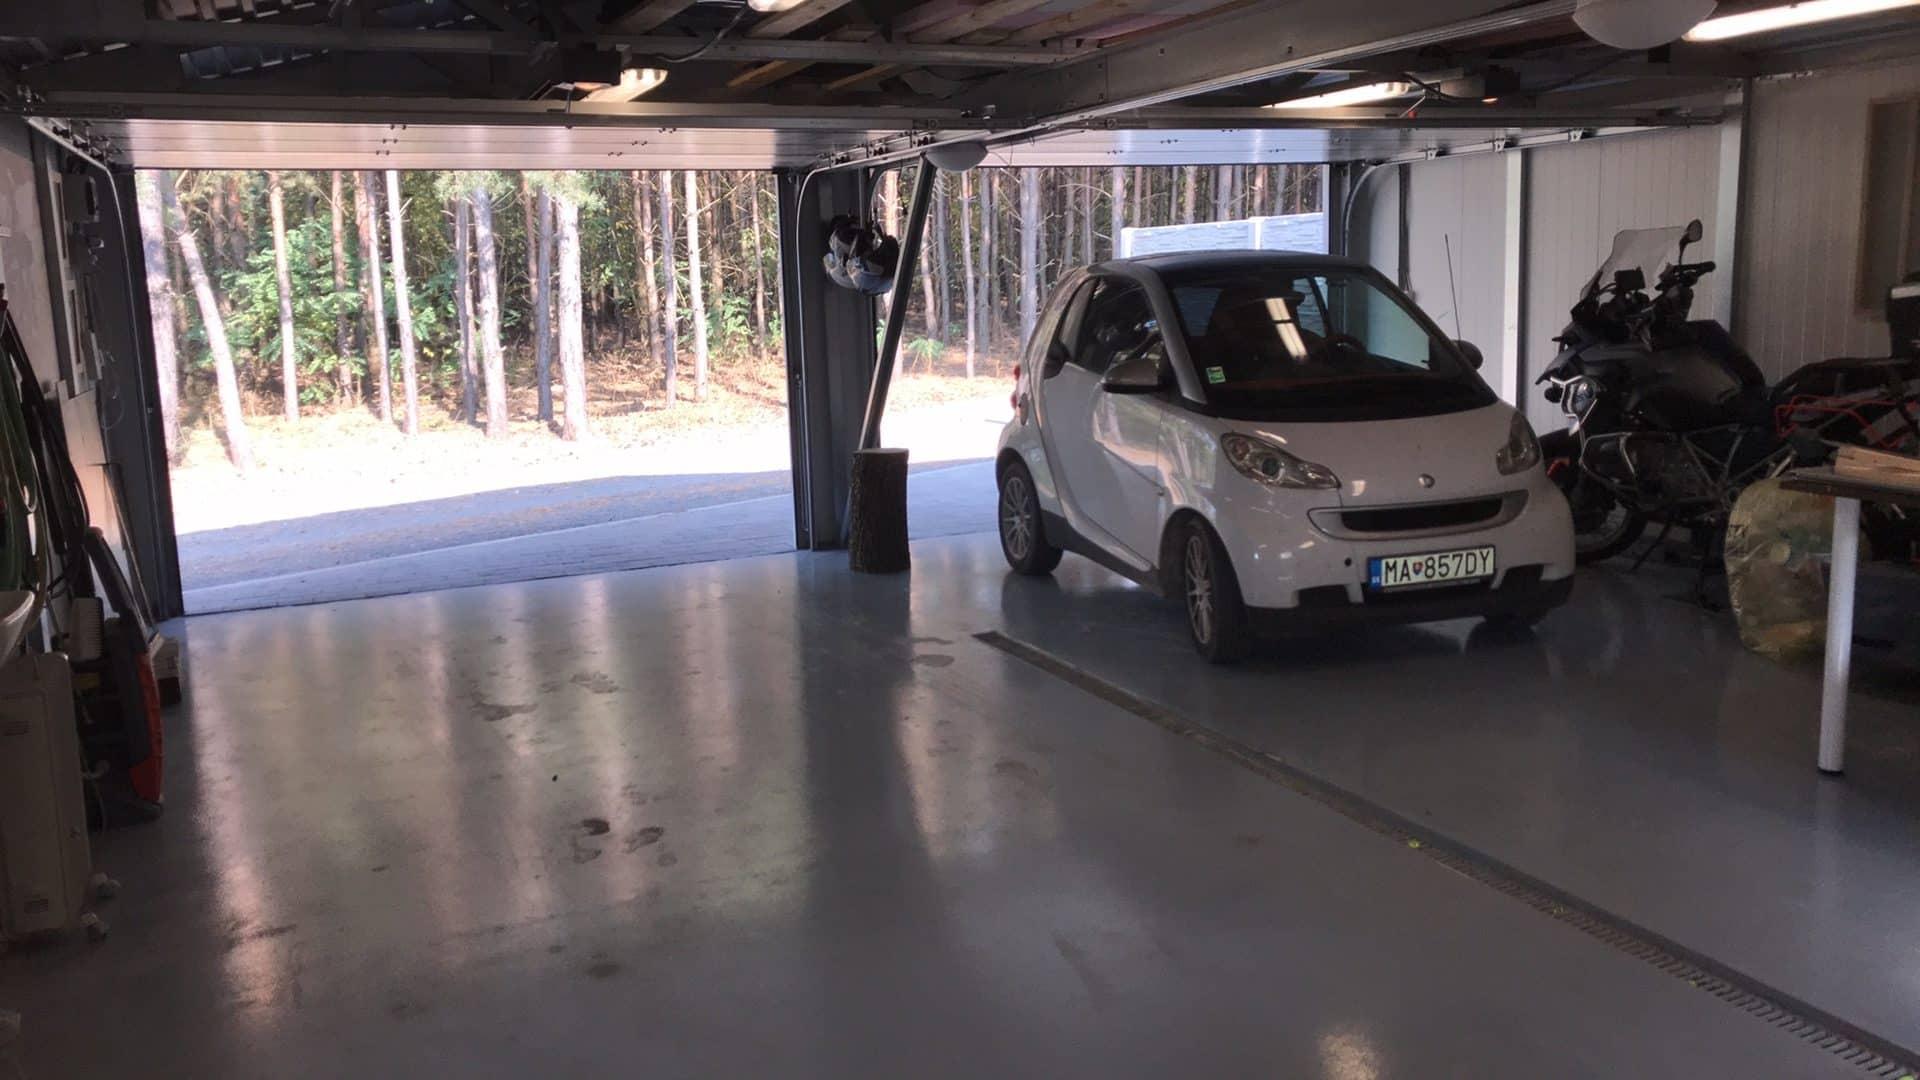 Biele auto zaparkované v garáži